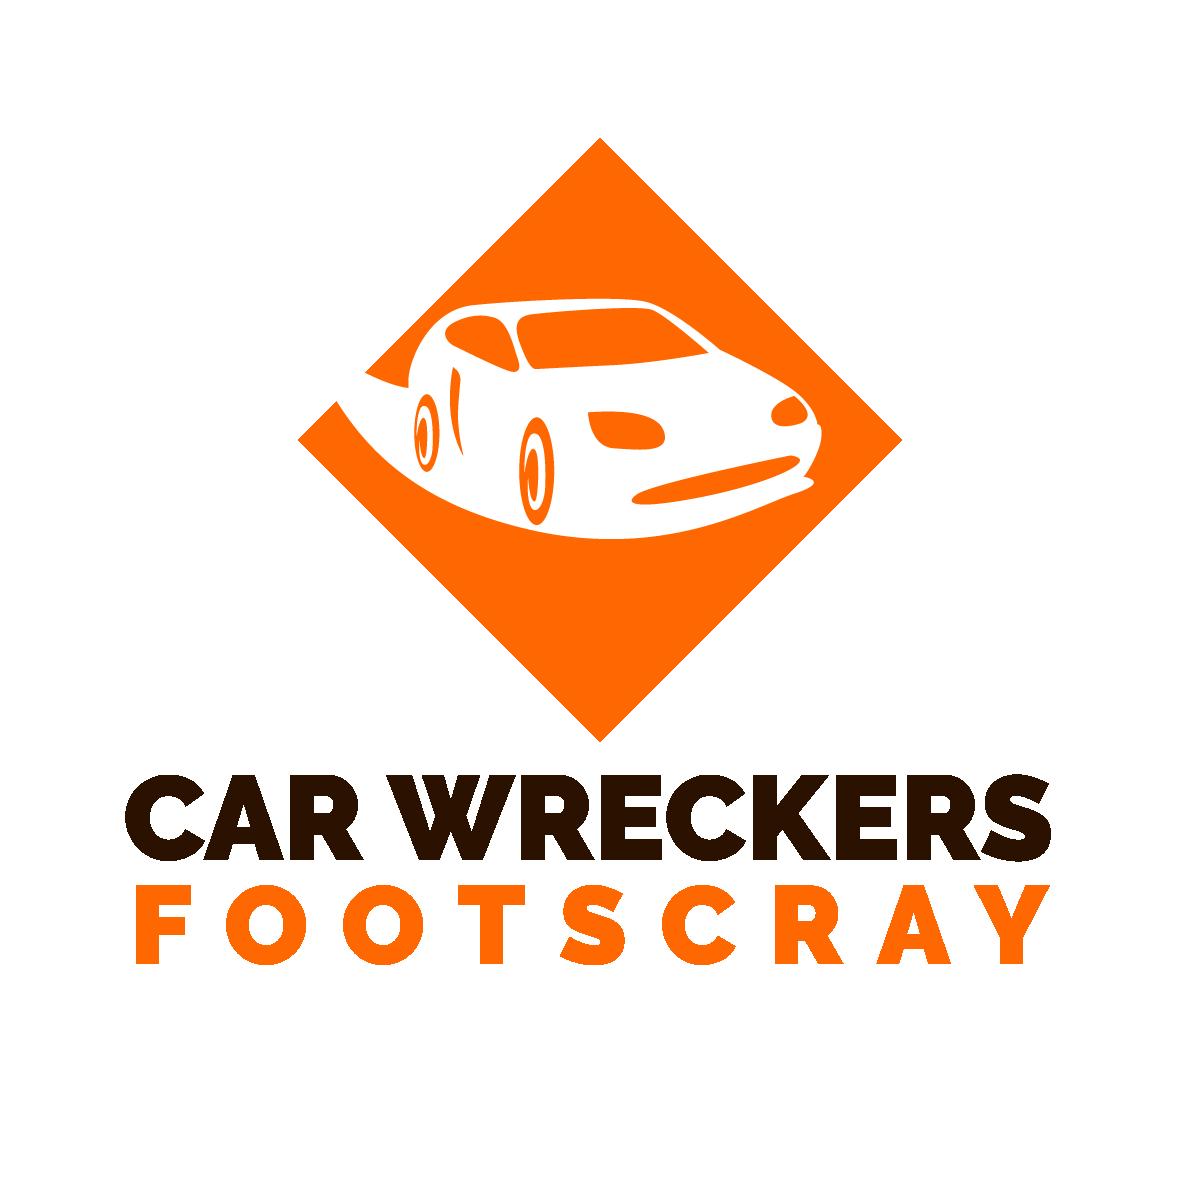 Car Wreckers Footscray